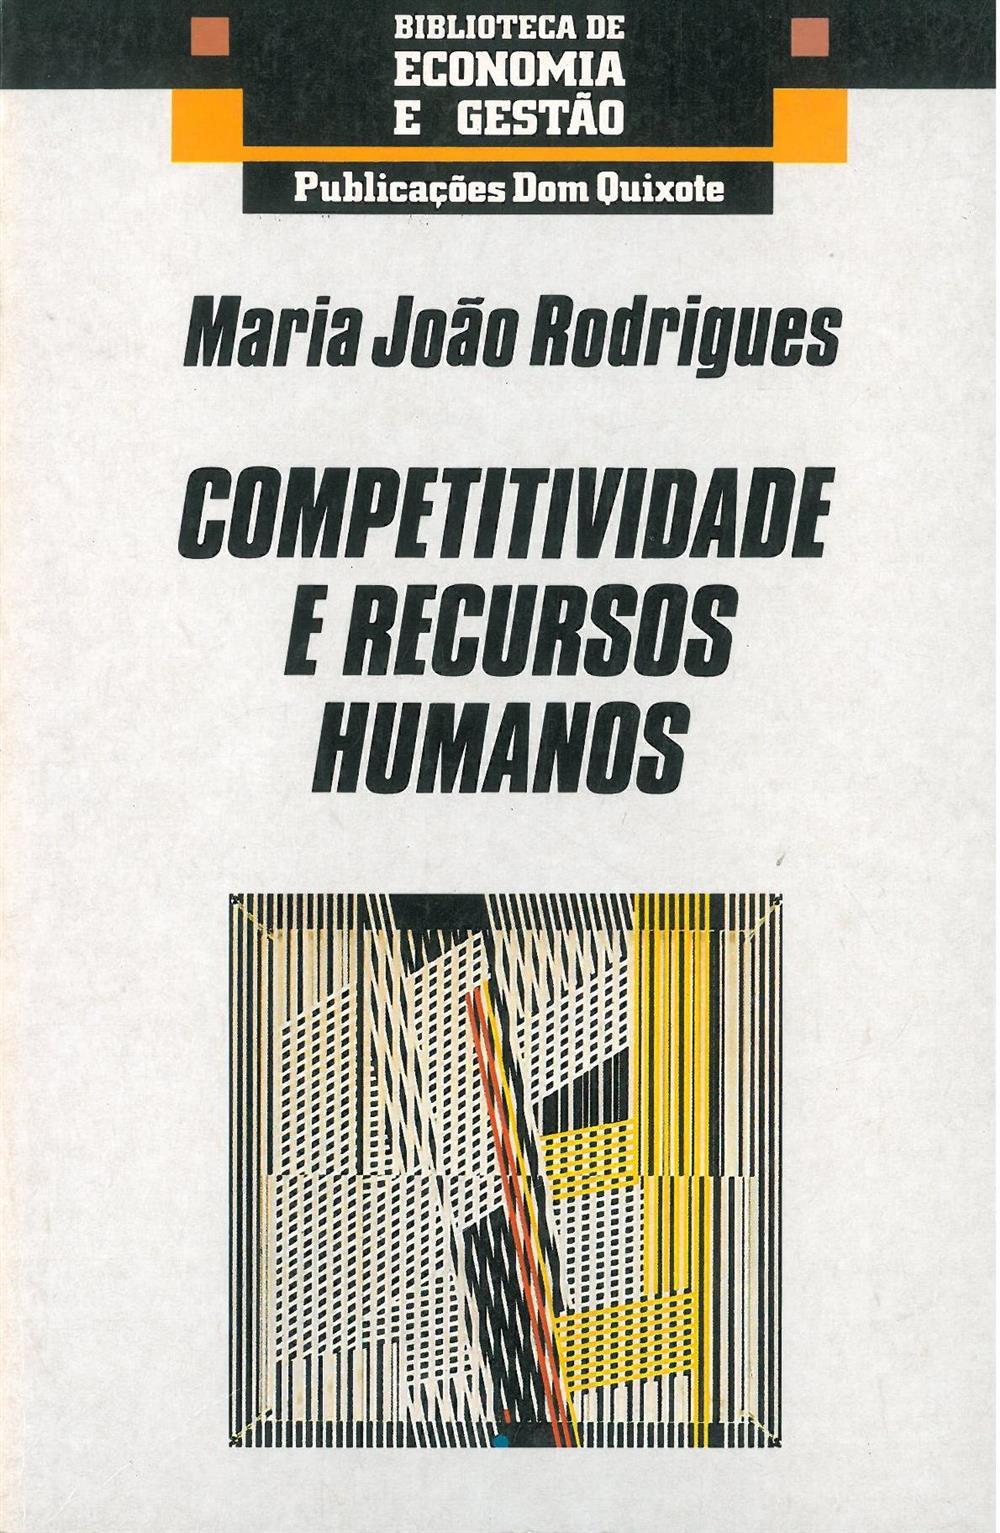 Competitividade e recursos humanos_.jpg